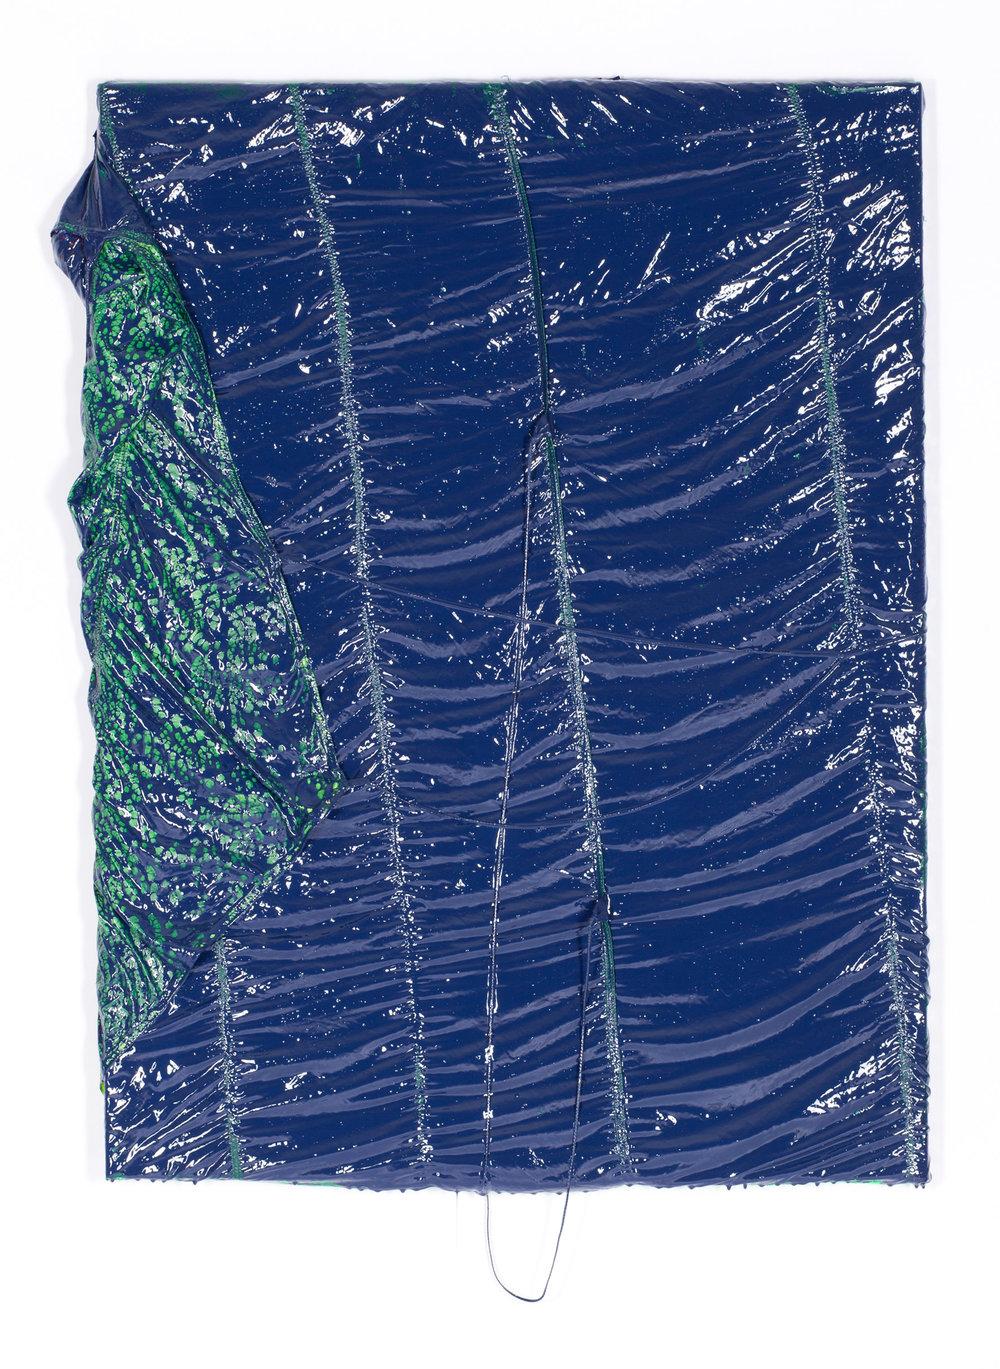 Parachute Painting (blue) #94, 2017